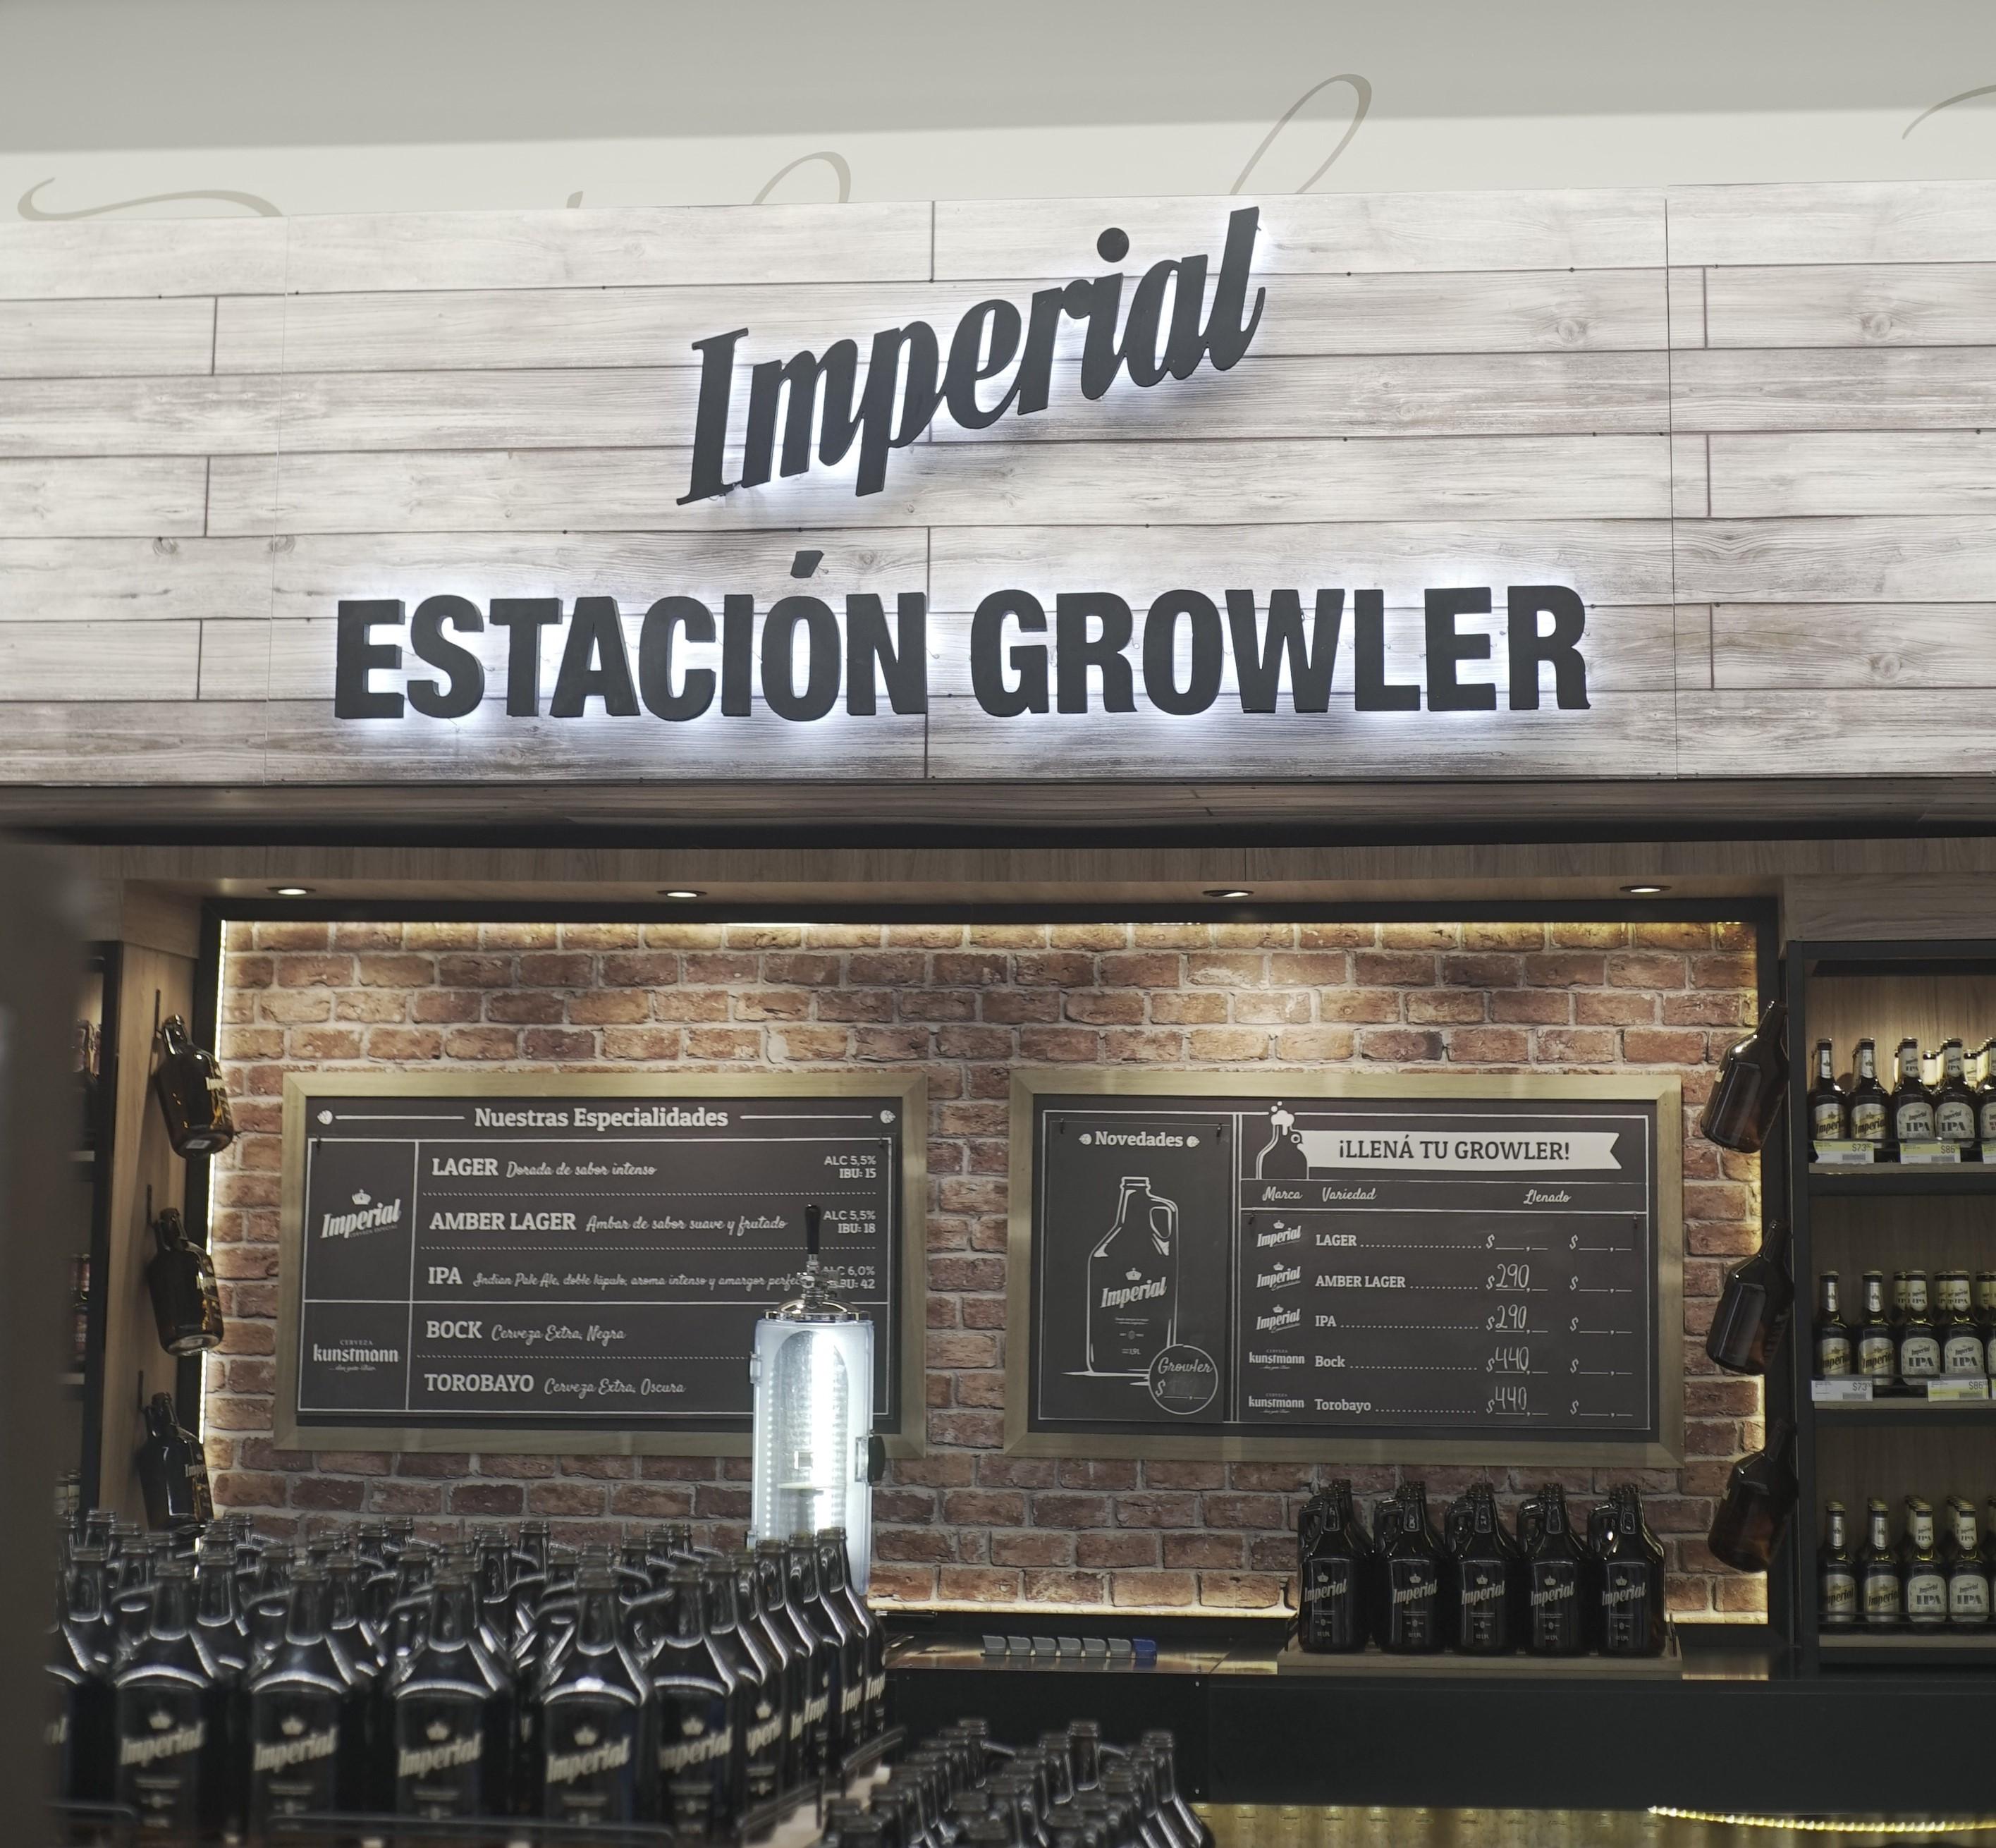 Imperial Growlers